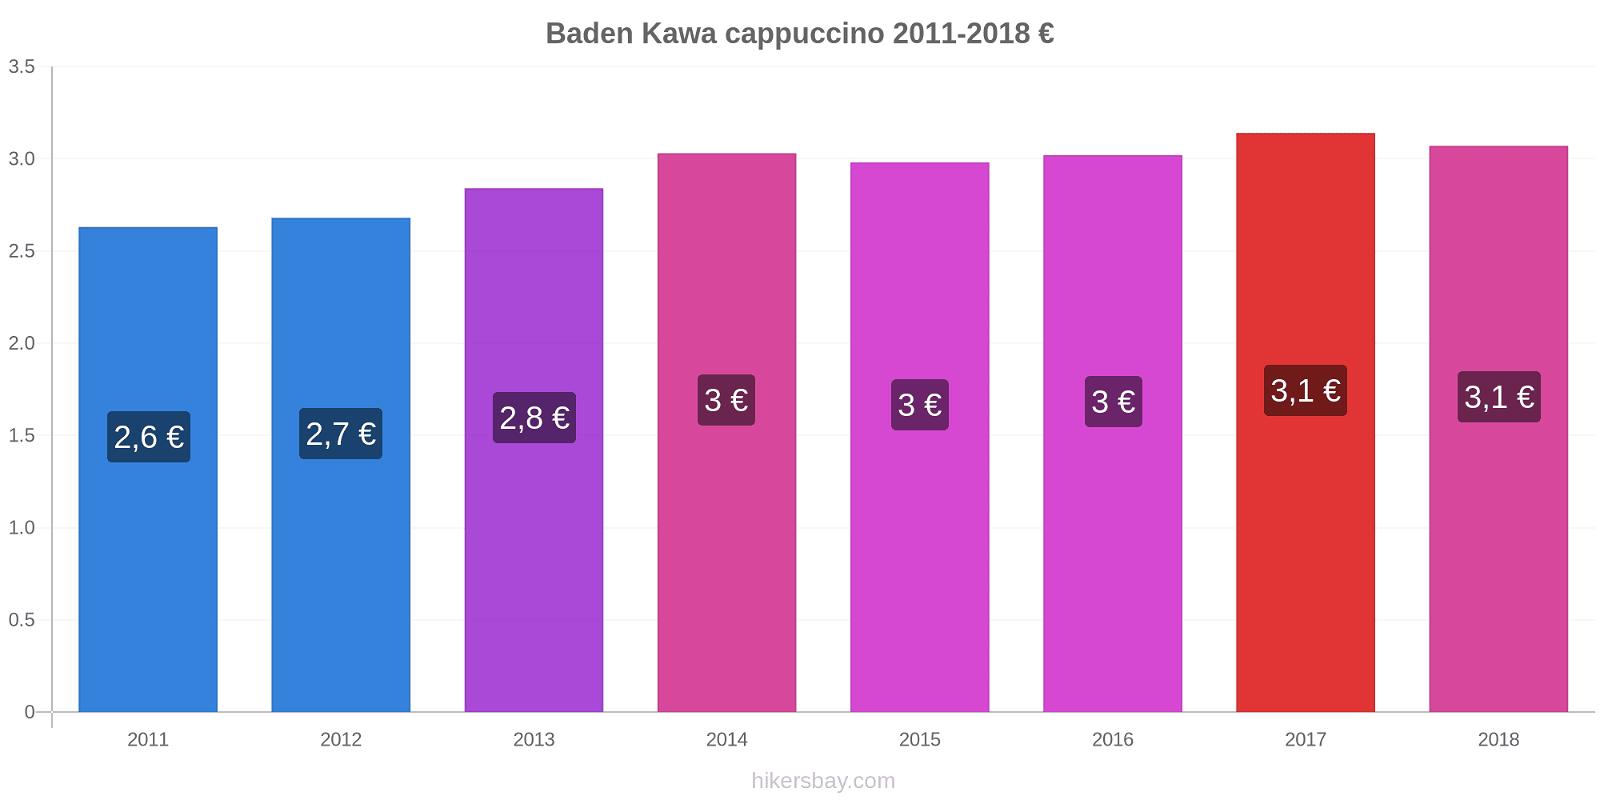 Baden zmiany cen Kawa cappuccino hikersbay.com